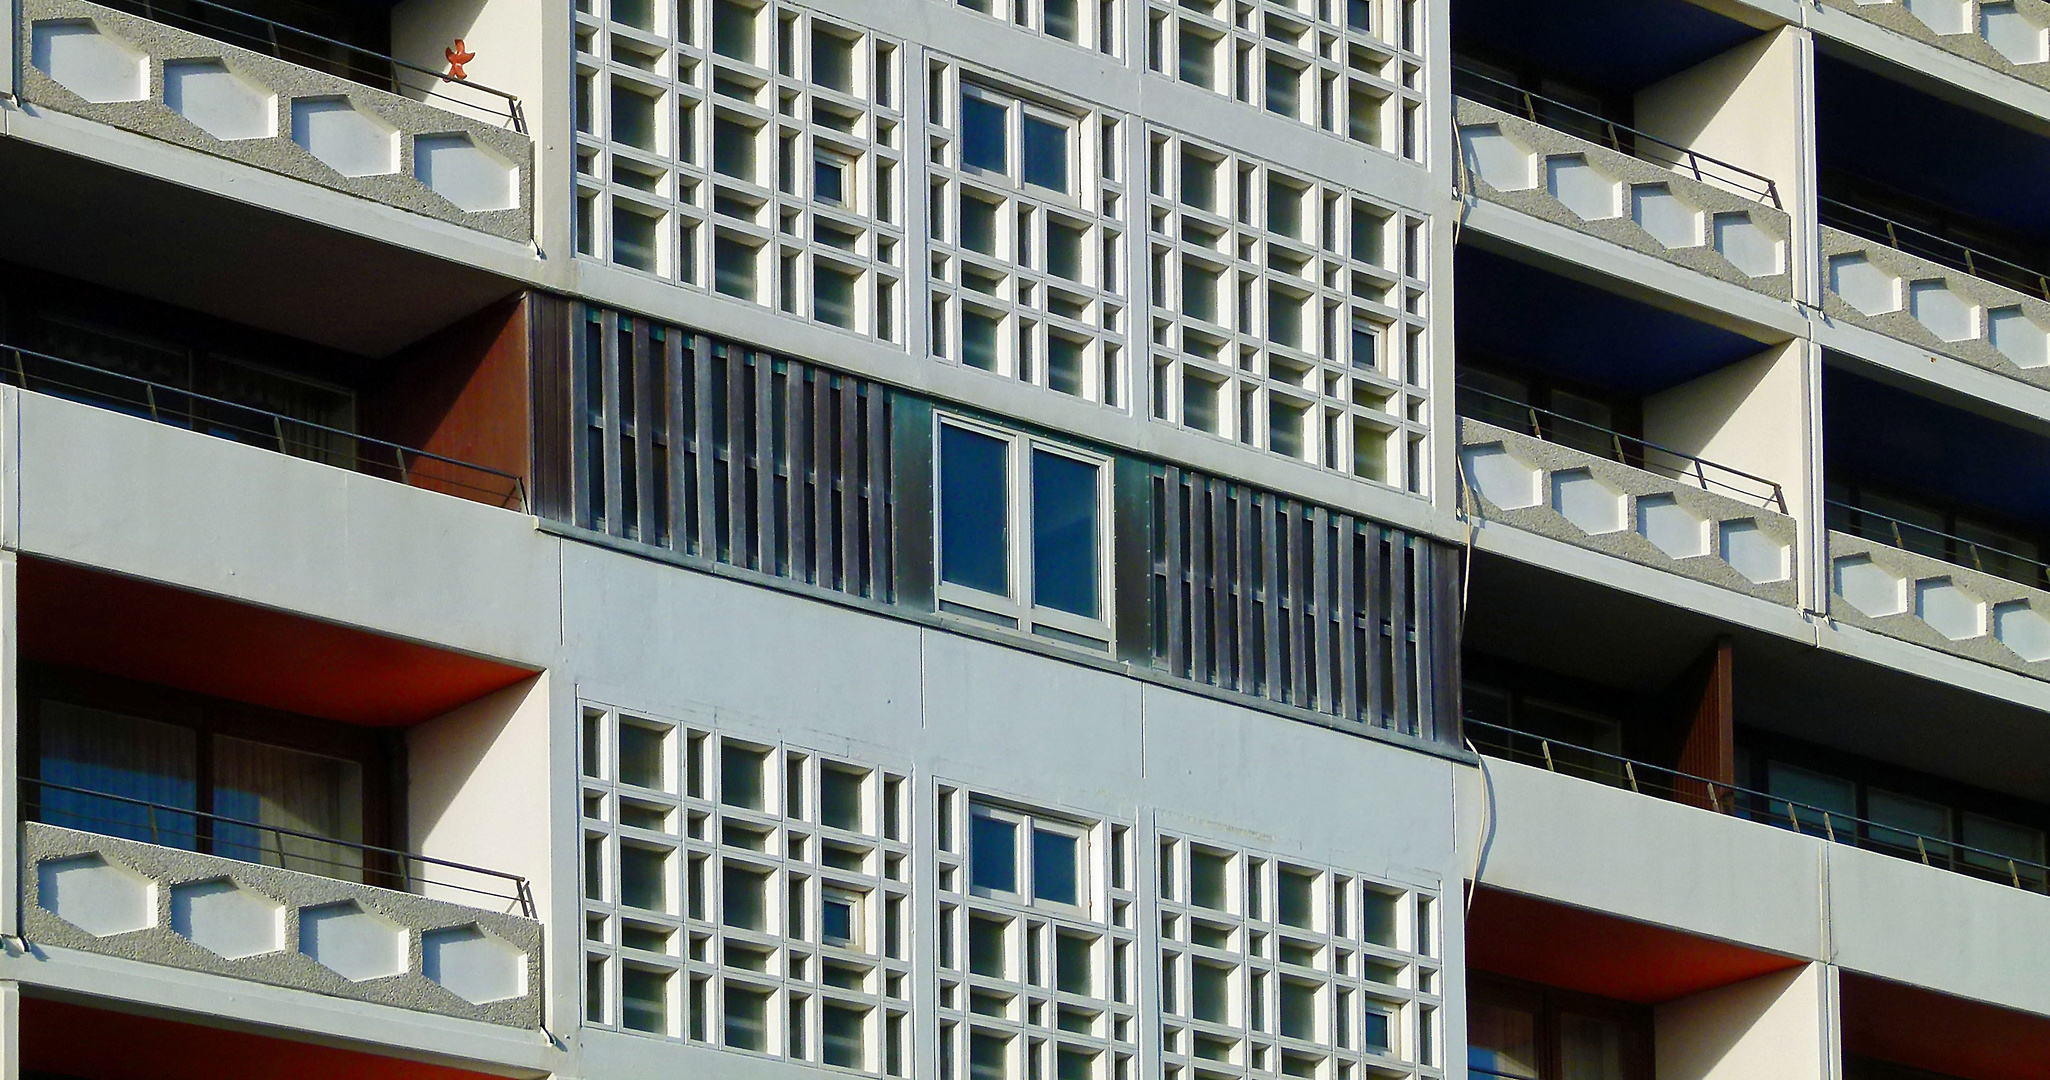 Bäderarchitektur?